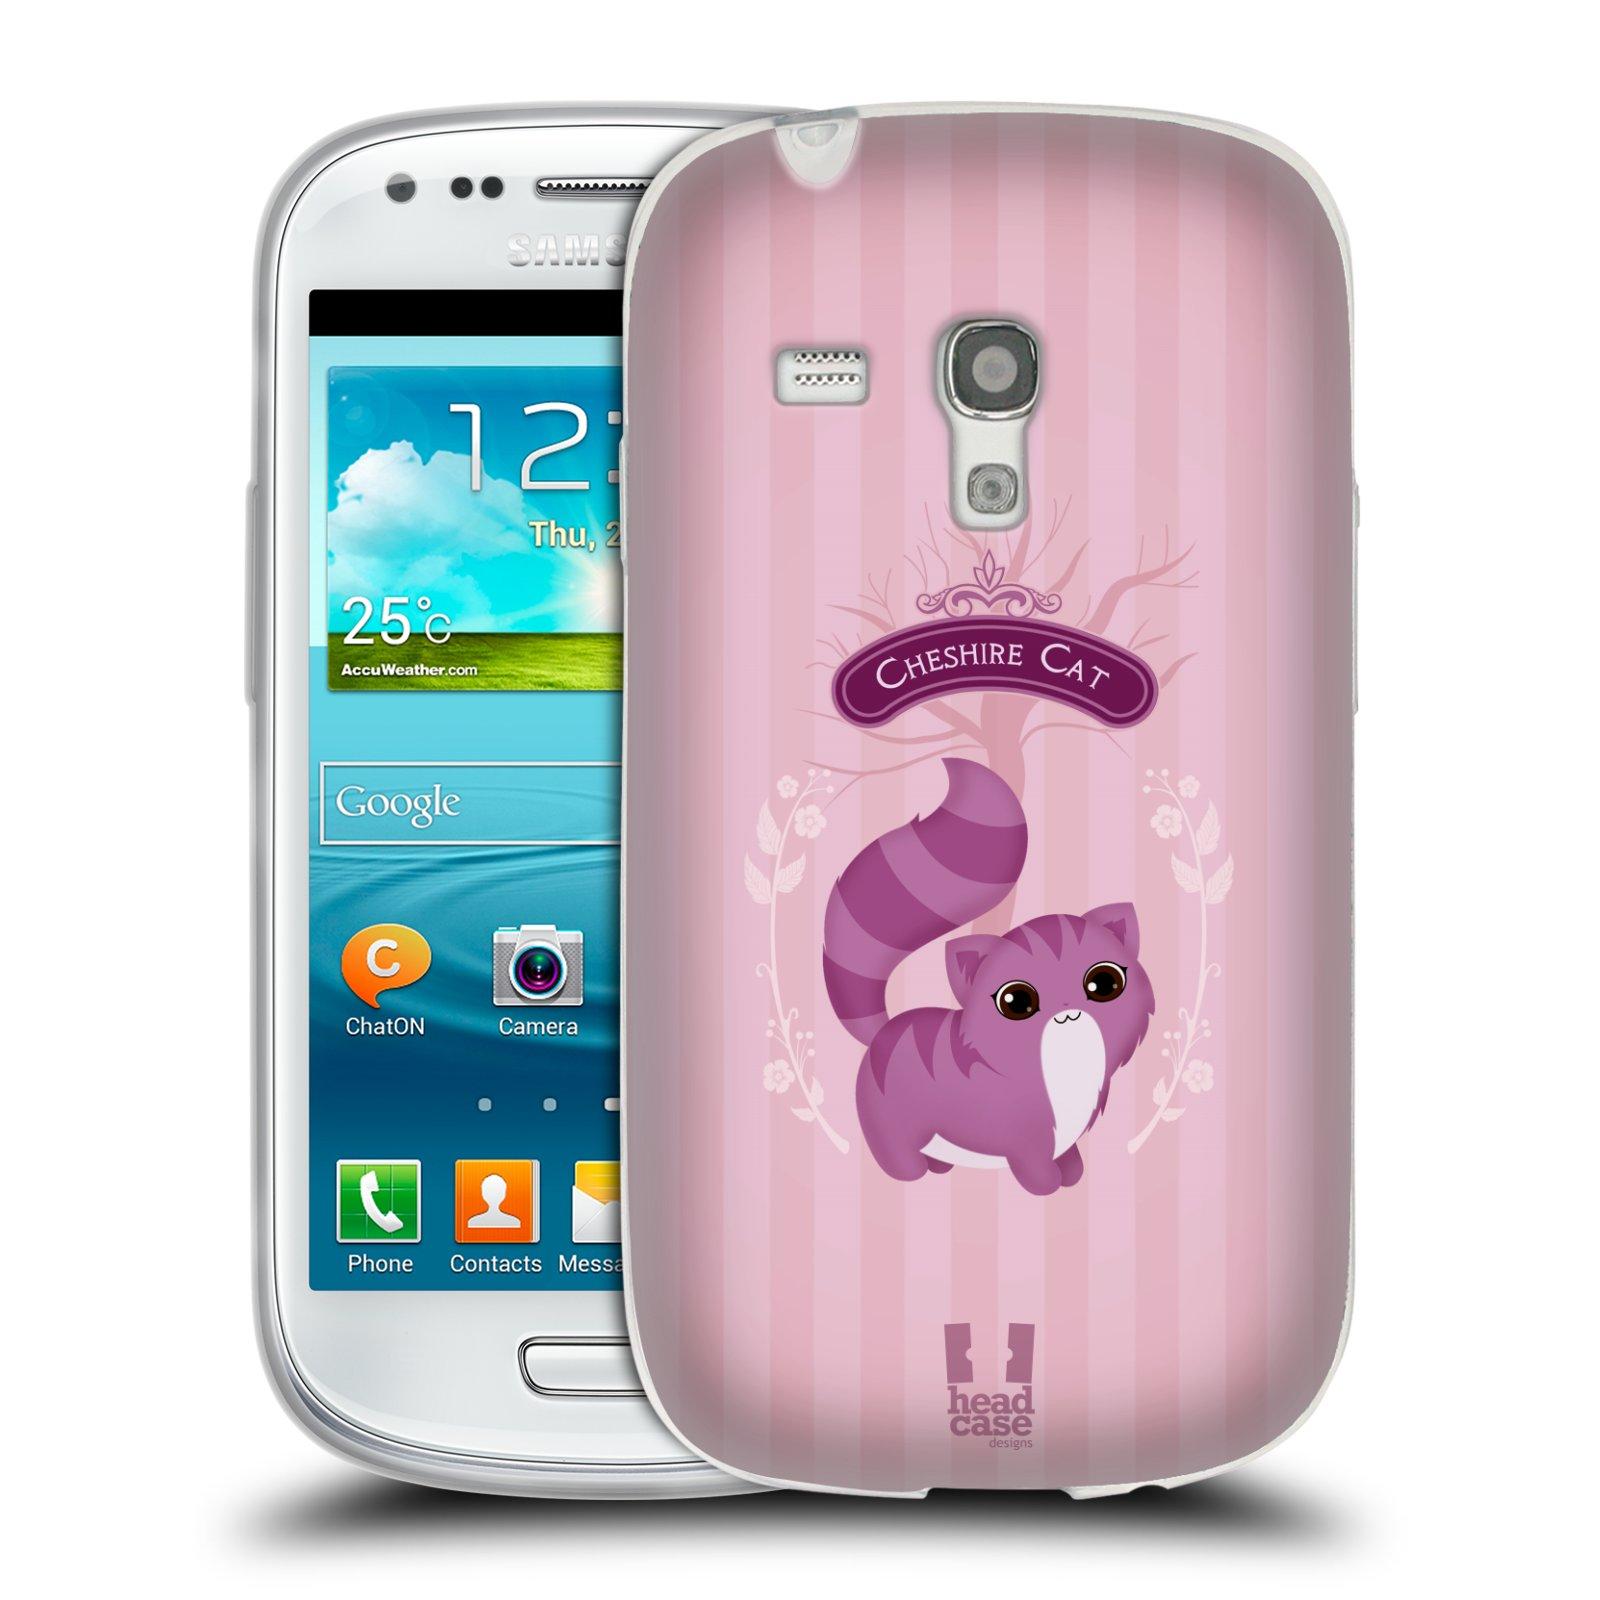 HEAD CASE silikonový obal na mobil Samsung Galaxy S3 MINI i8190 vzor Alenka v říši divů kočička